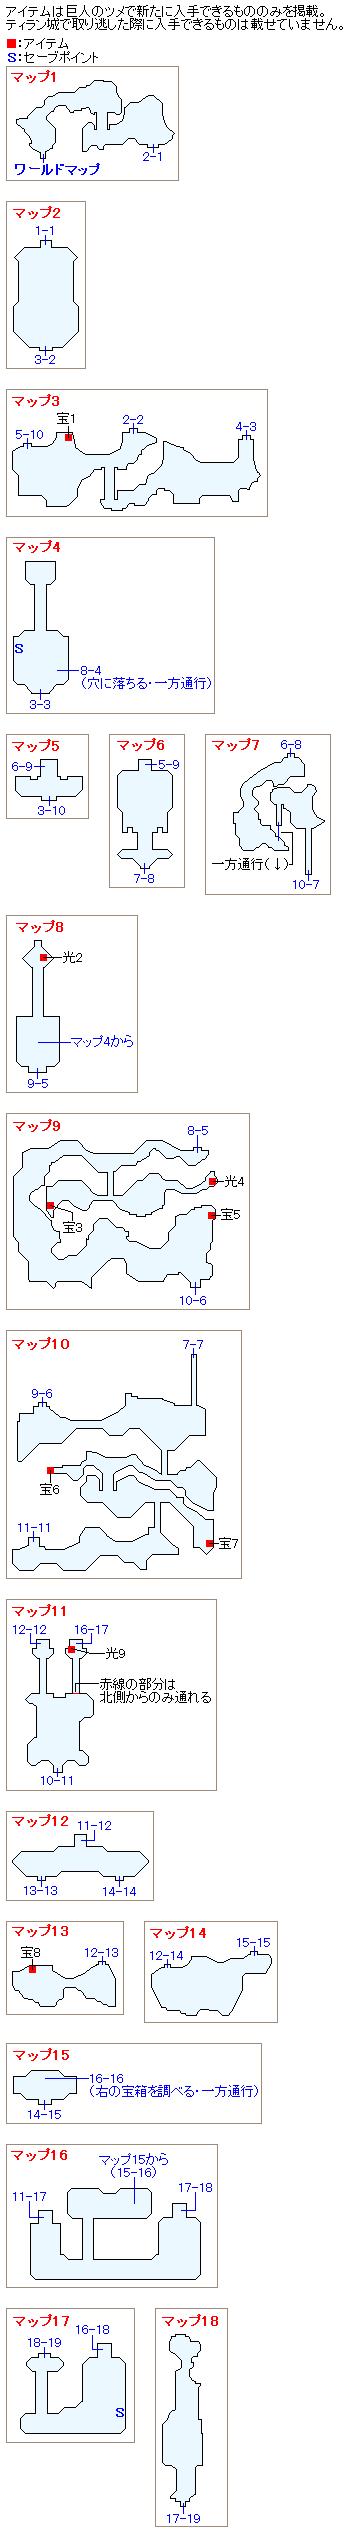 巨人のツメのマップ画像